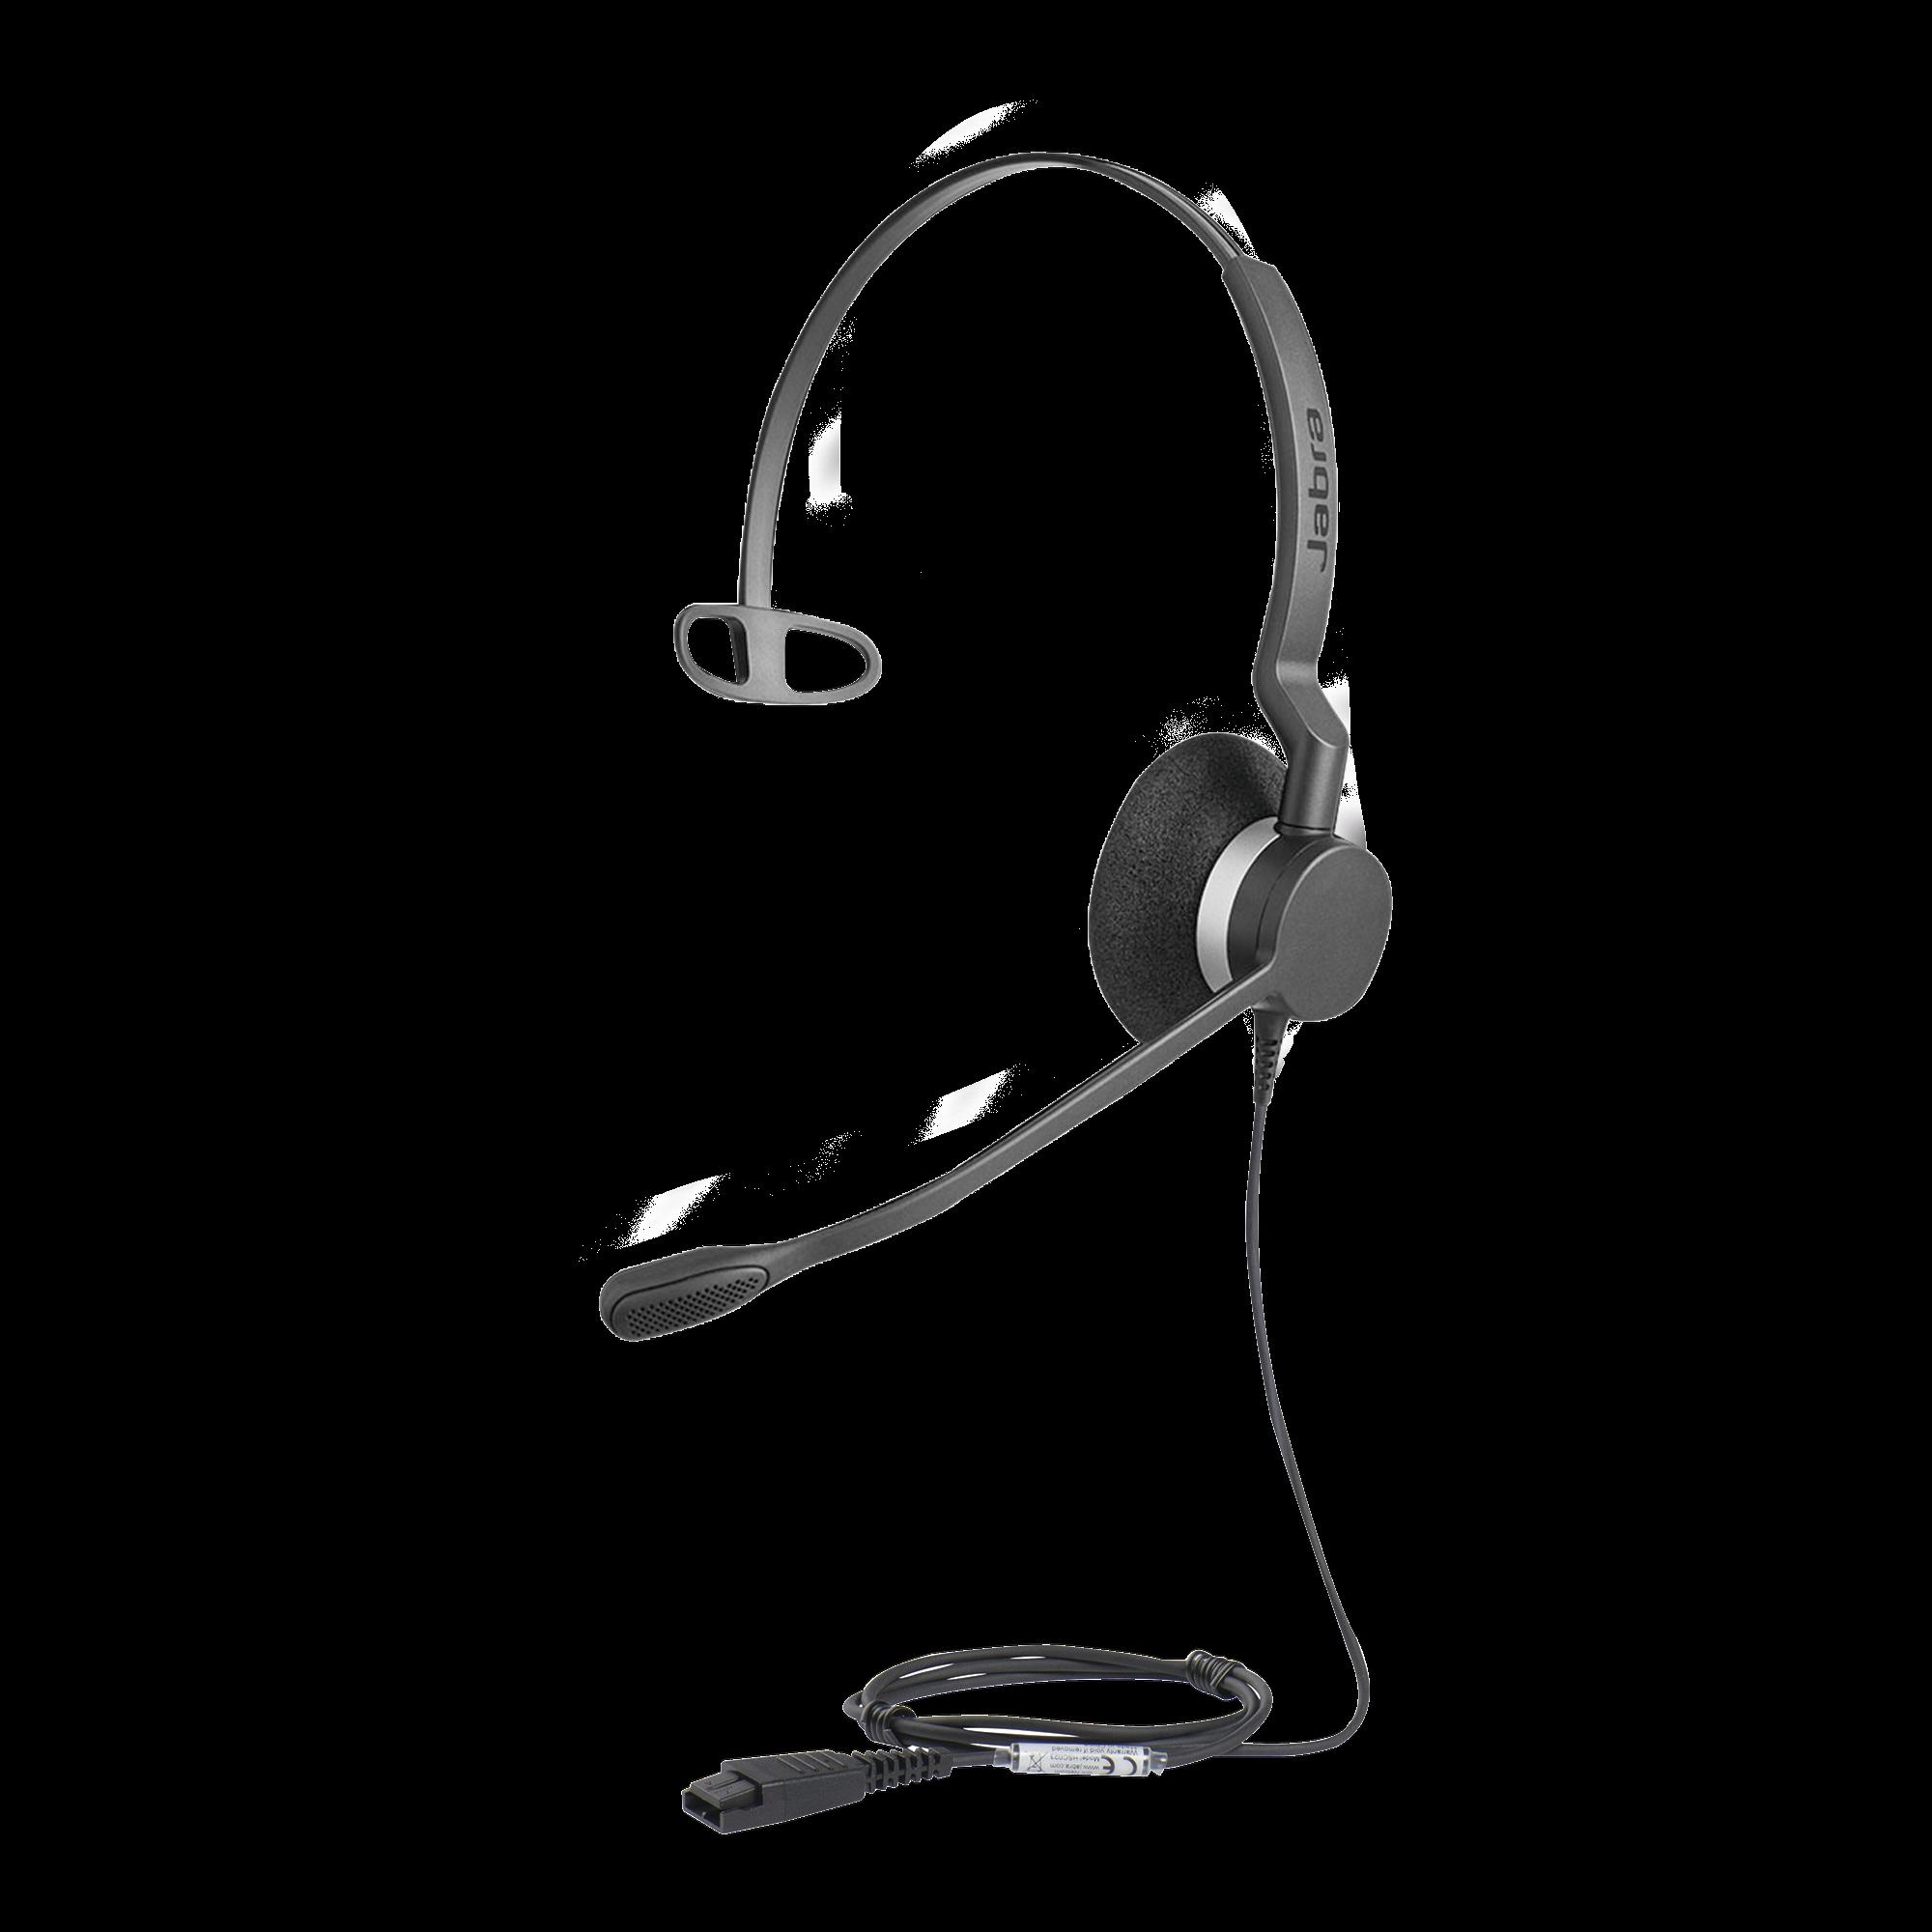 Jabra Biz 2300 Mono con conexión QD, resistente para contact center con brazo articulado con giro de 360?  (2303-820-105)